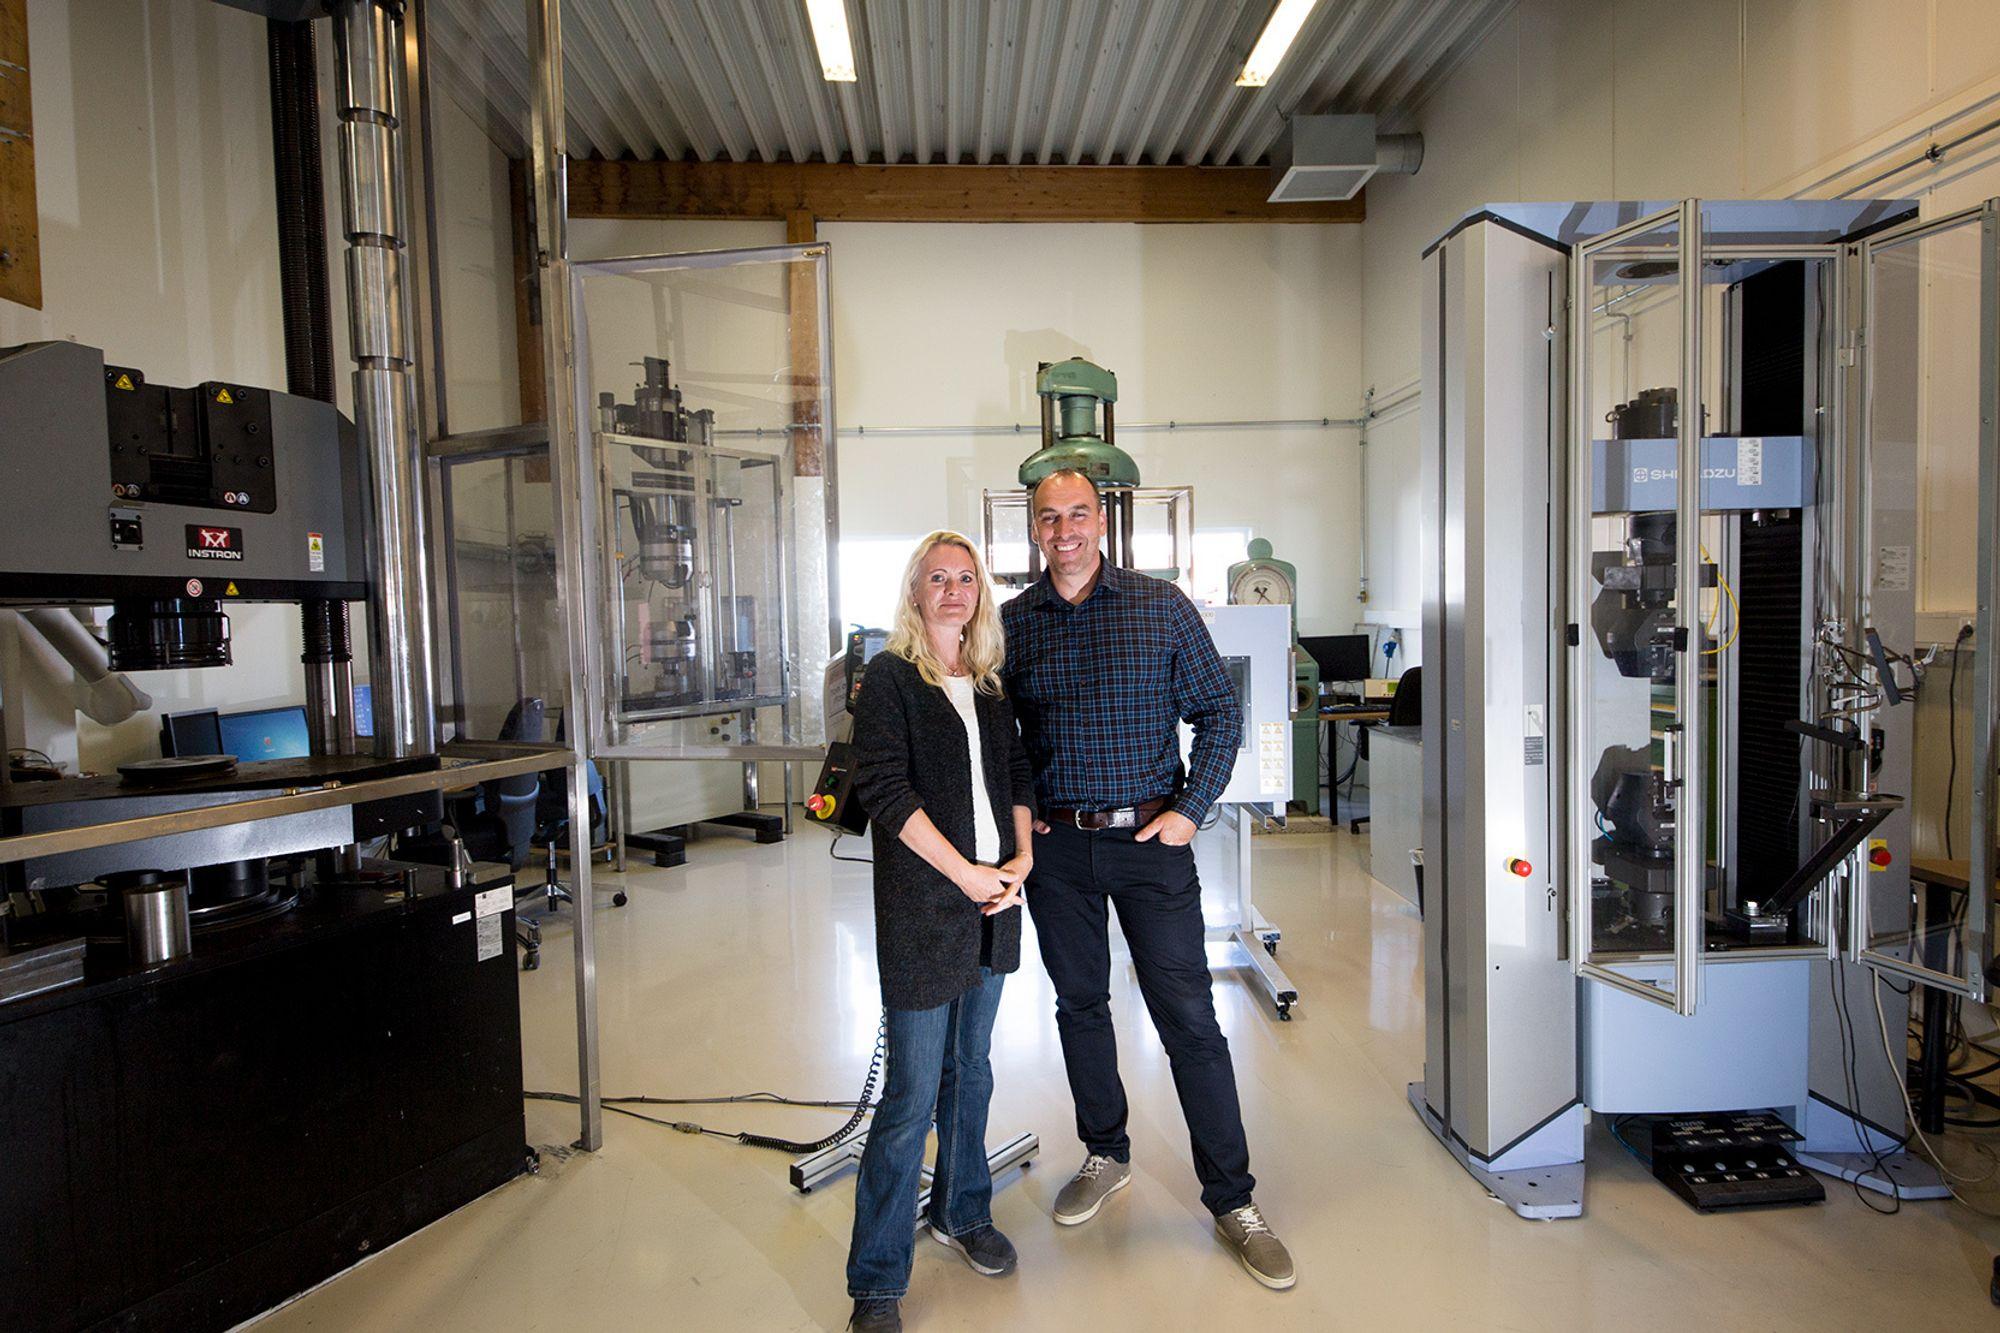 ANNONSE: Denne maskinen har reddet norsk industri fra ulykker siden 50-tallet